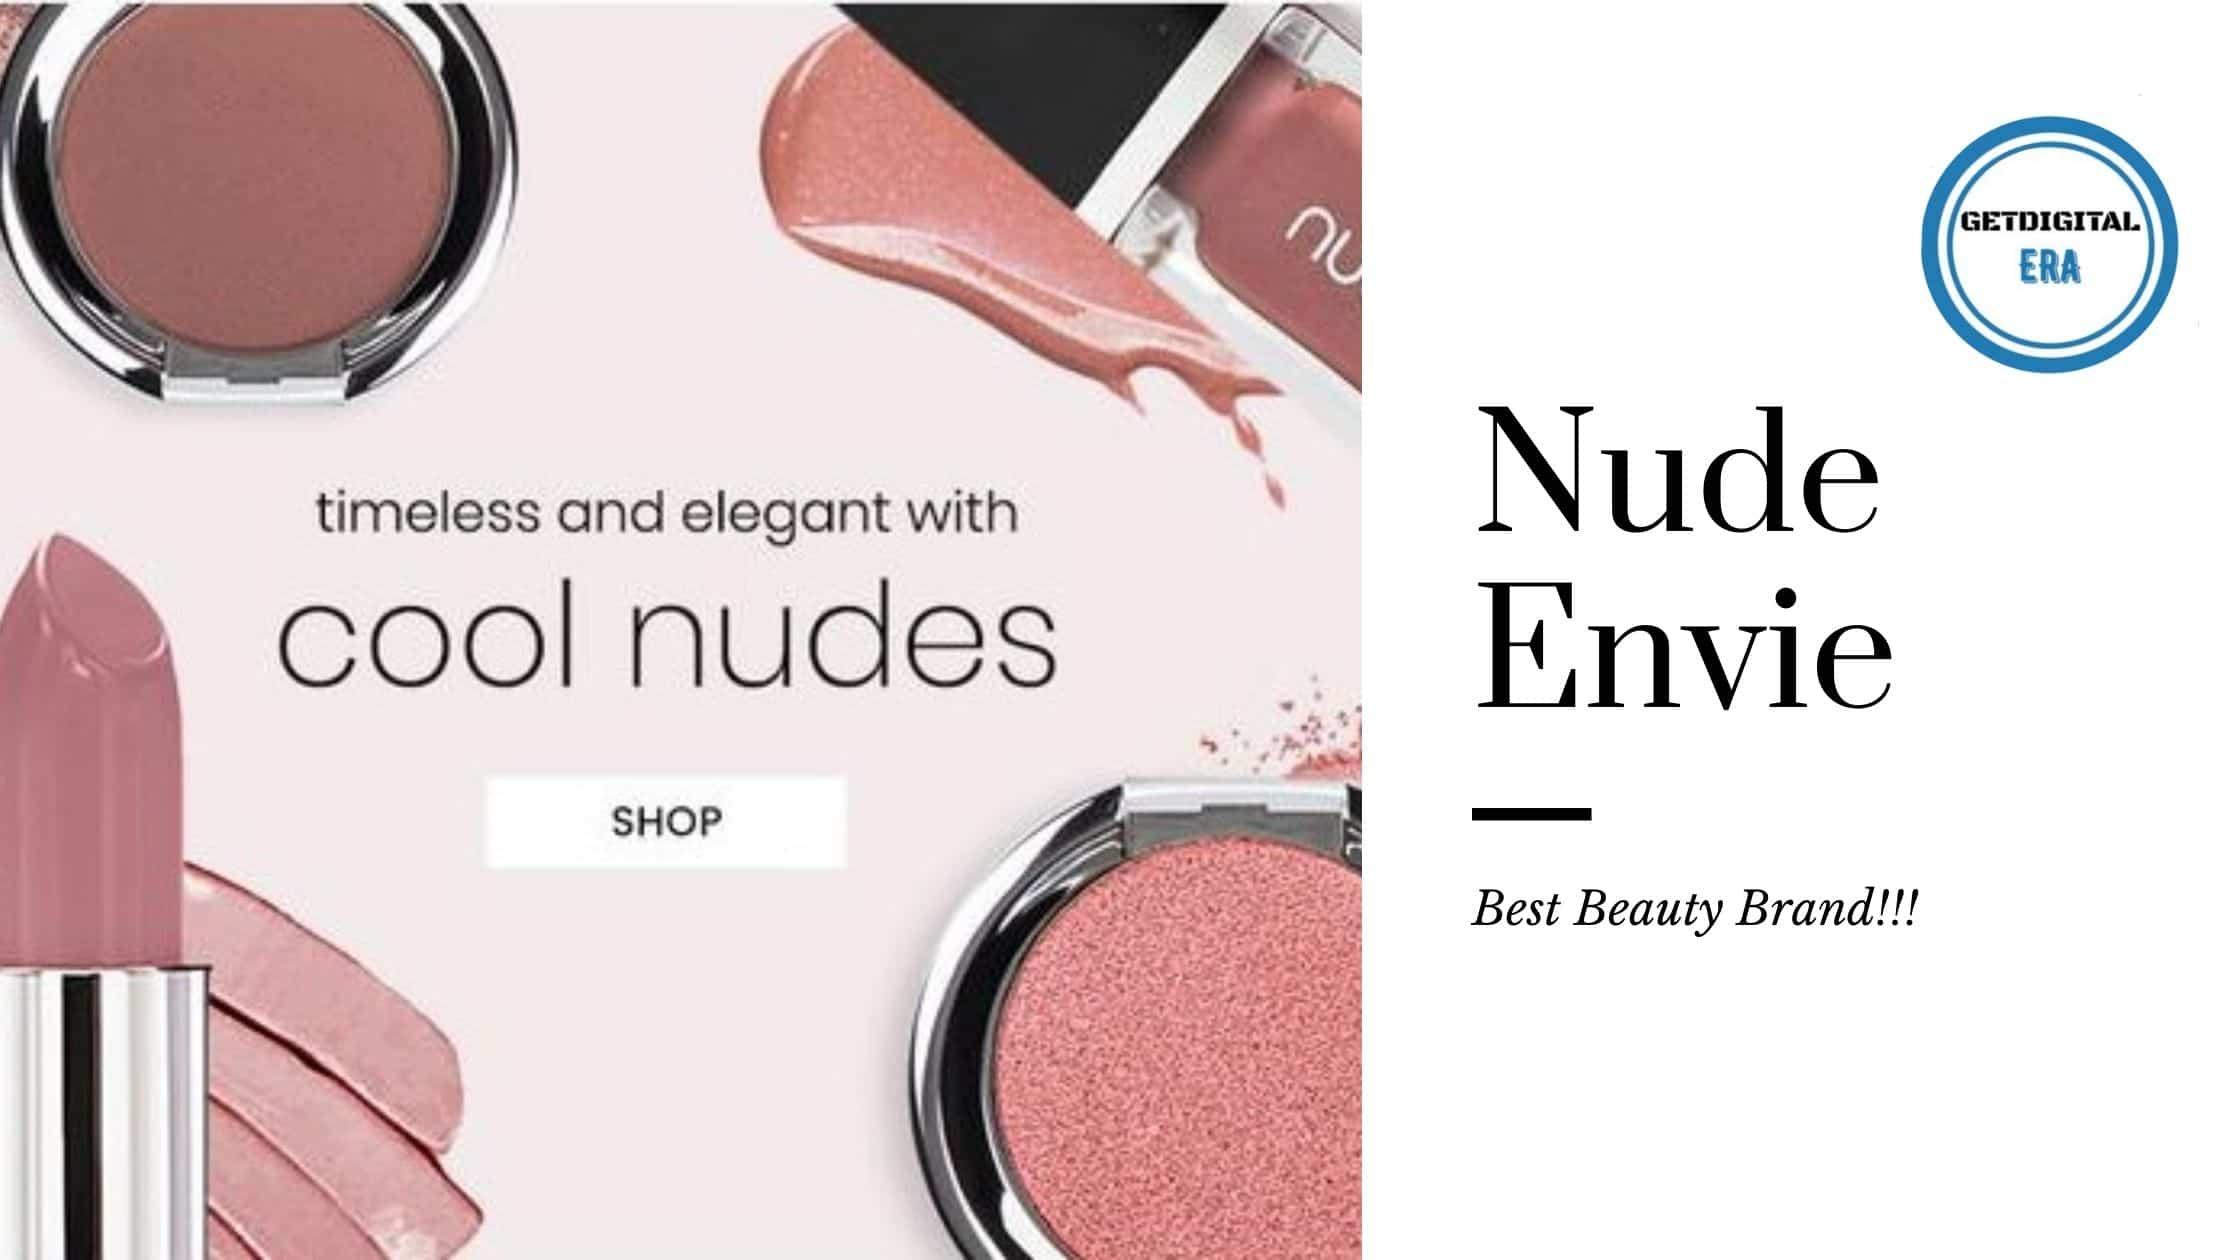 Nude Envie